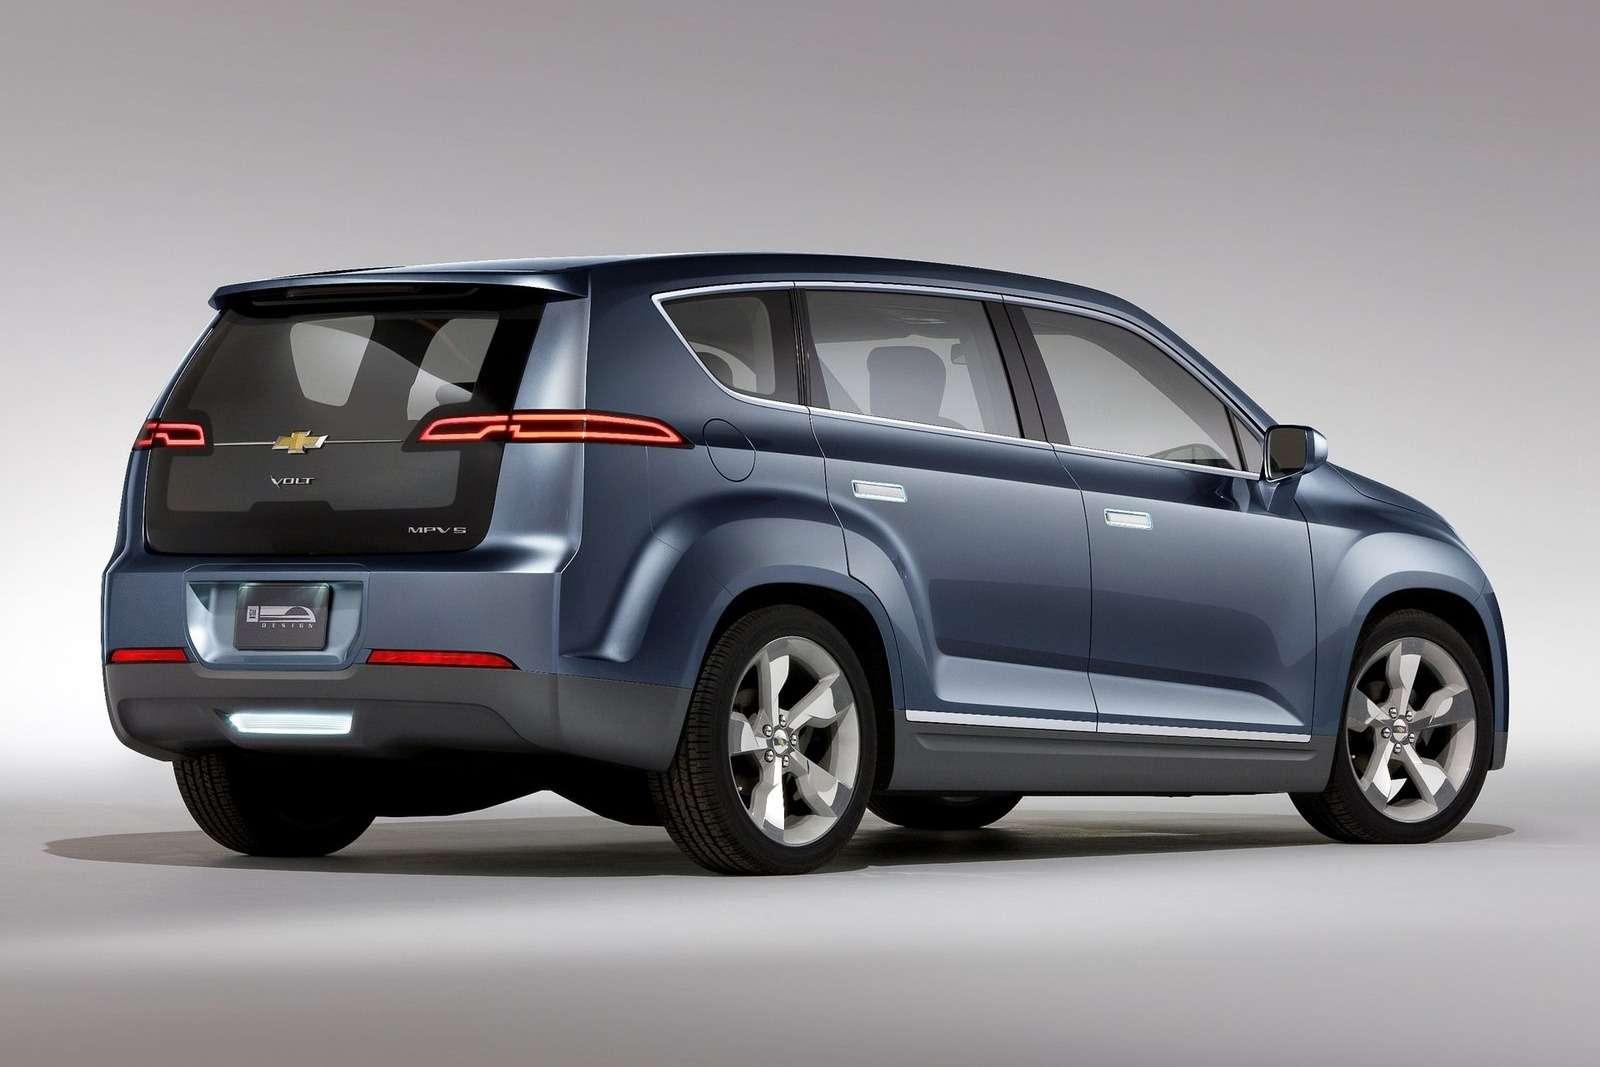 Chevrolet-Volt_MPV5_Concept_2010_1600x1200_wallpaper_03